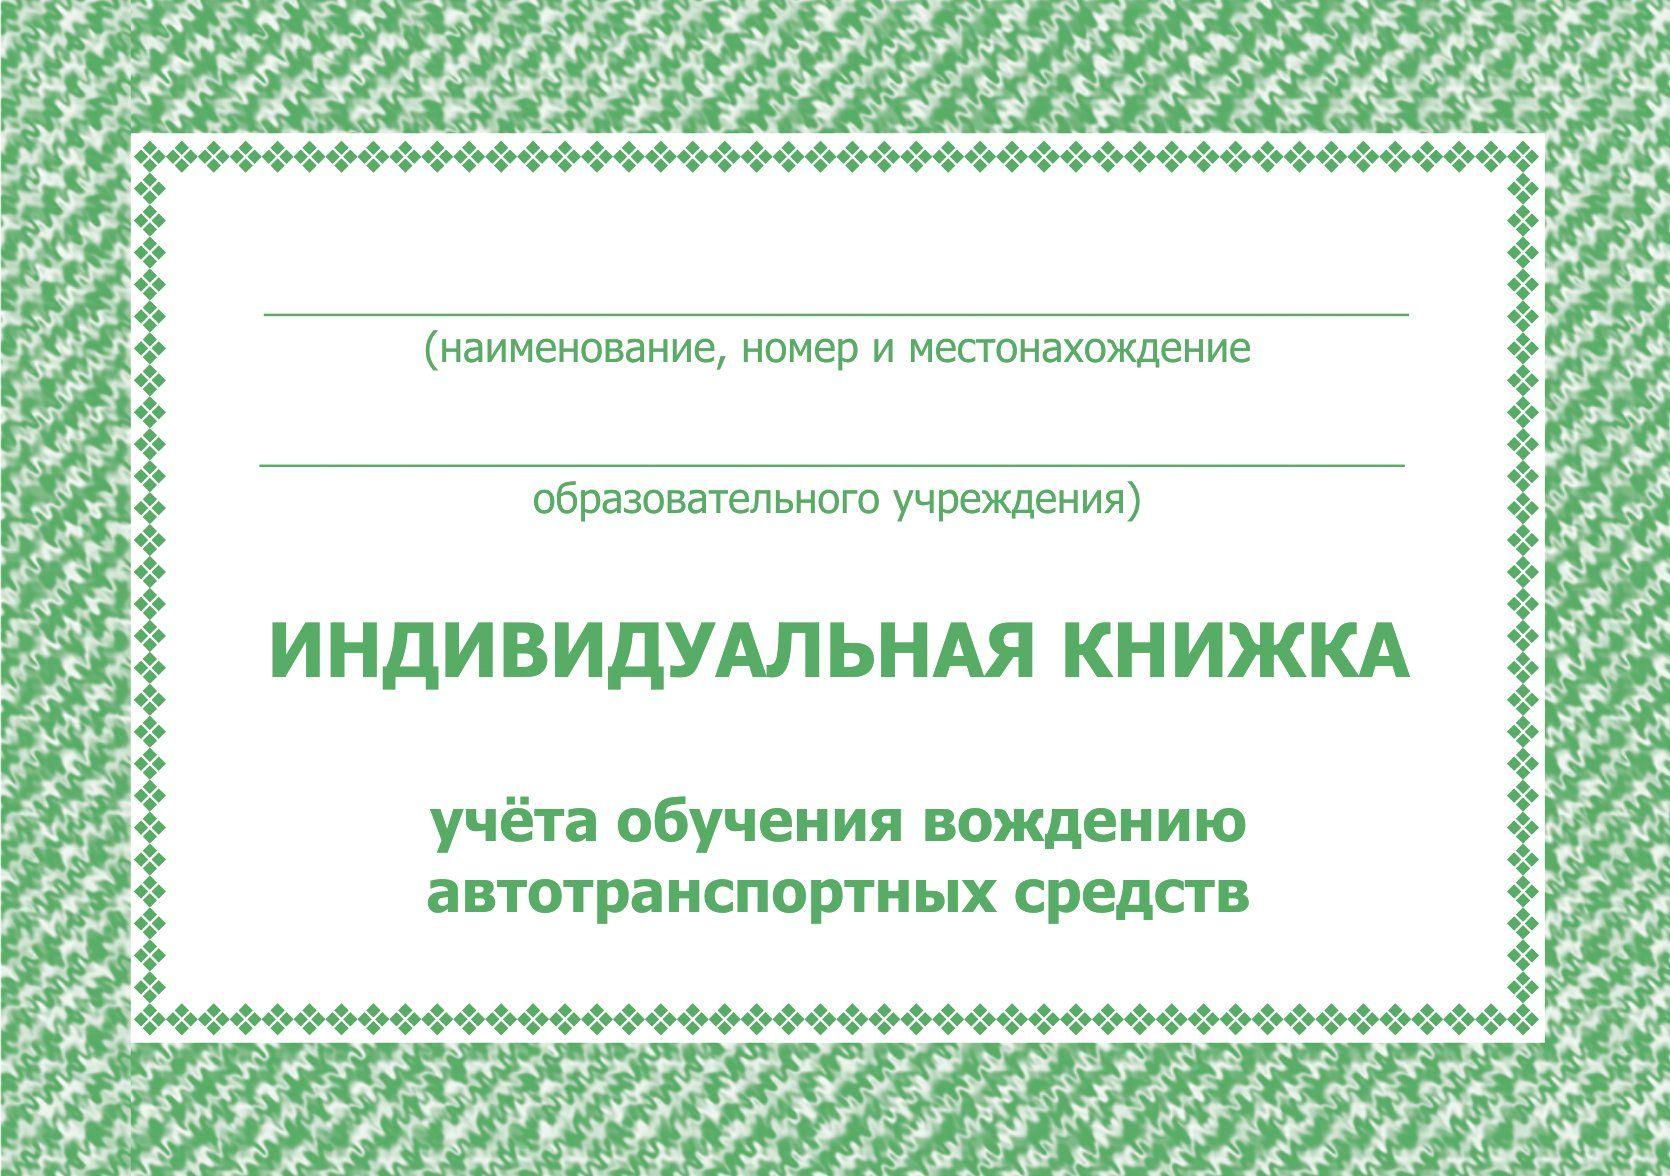 Индивидуальная книжка учёта обучения вождению автотранспортных средств